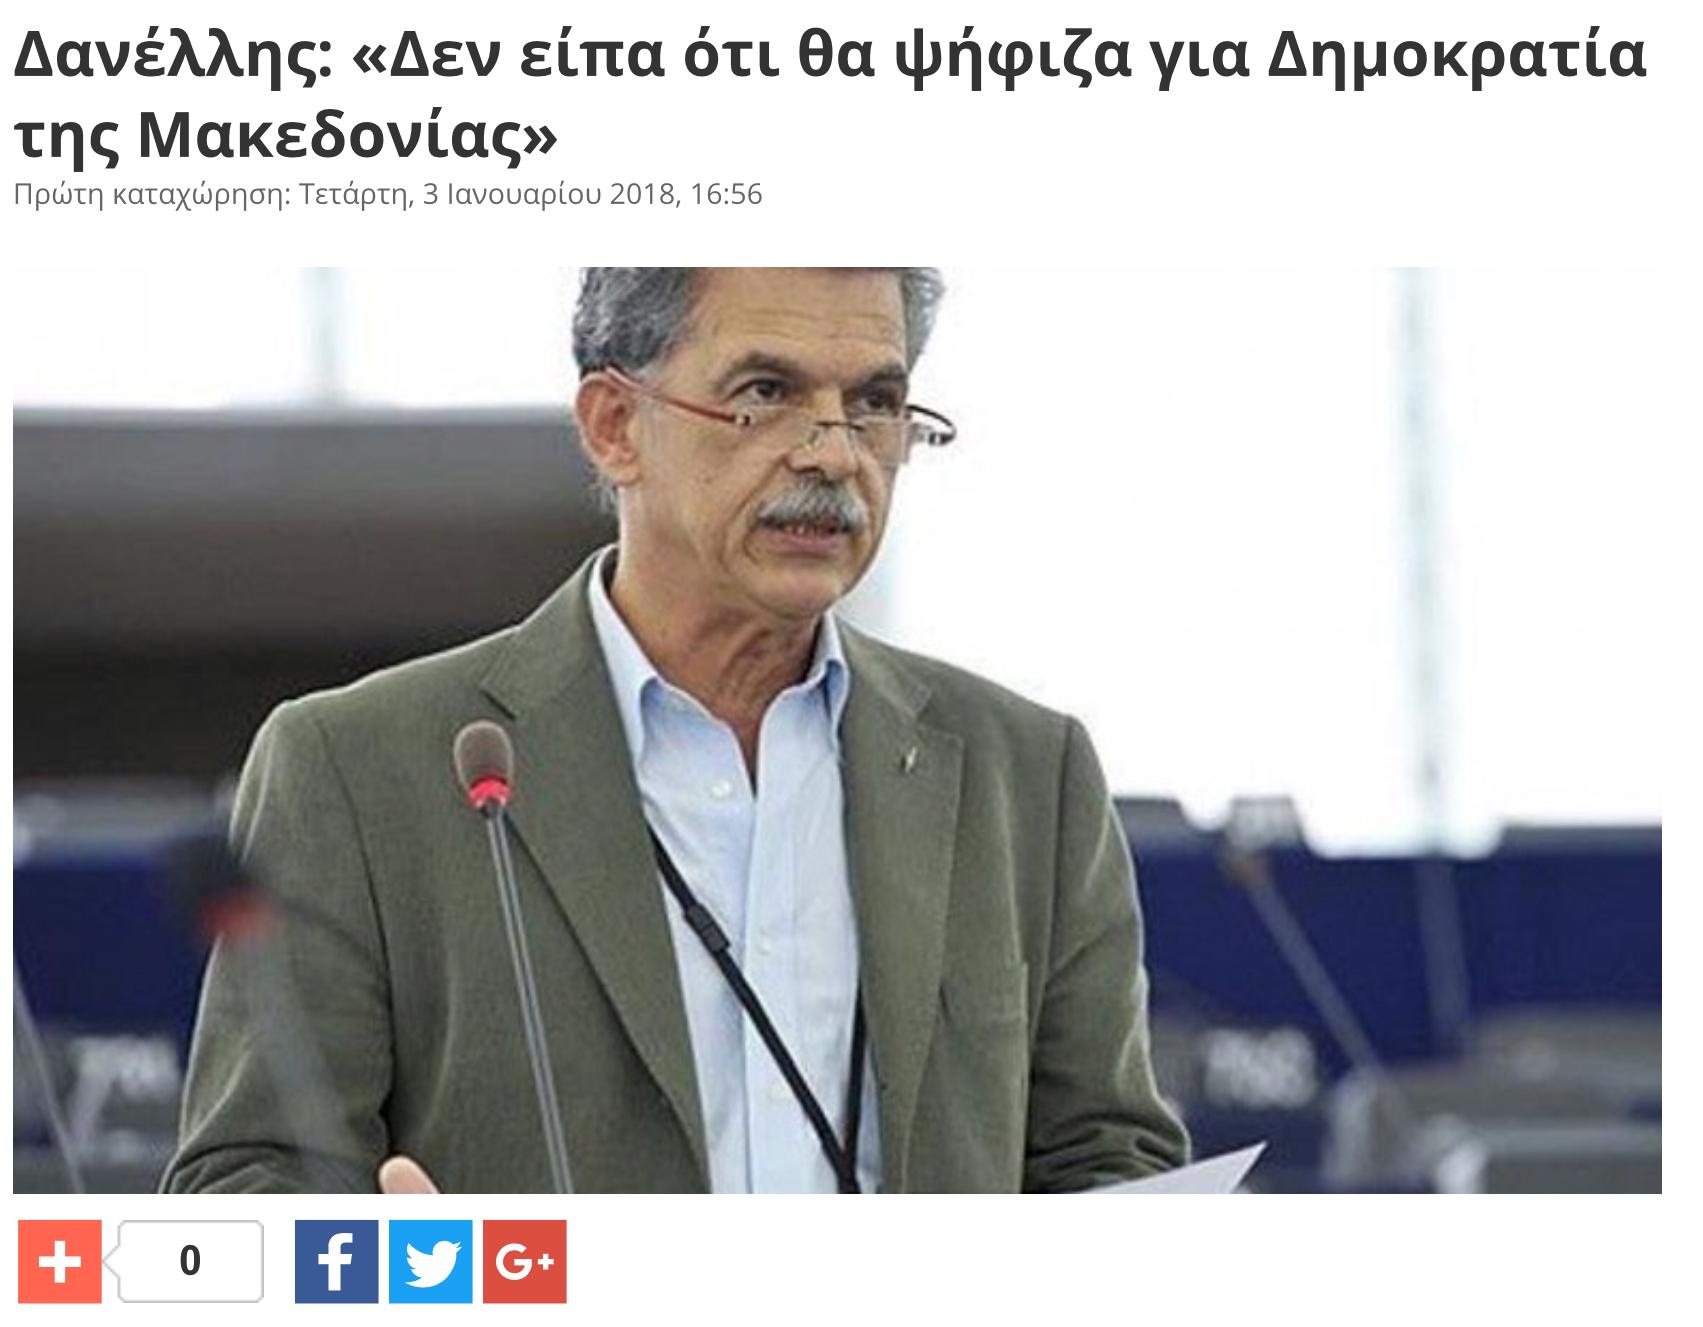 ΔΑΝΕΛΛΗΣ ΜΑΚΕΔΟΝΙΑ ΟΧΙ